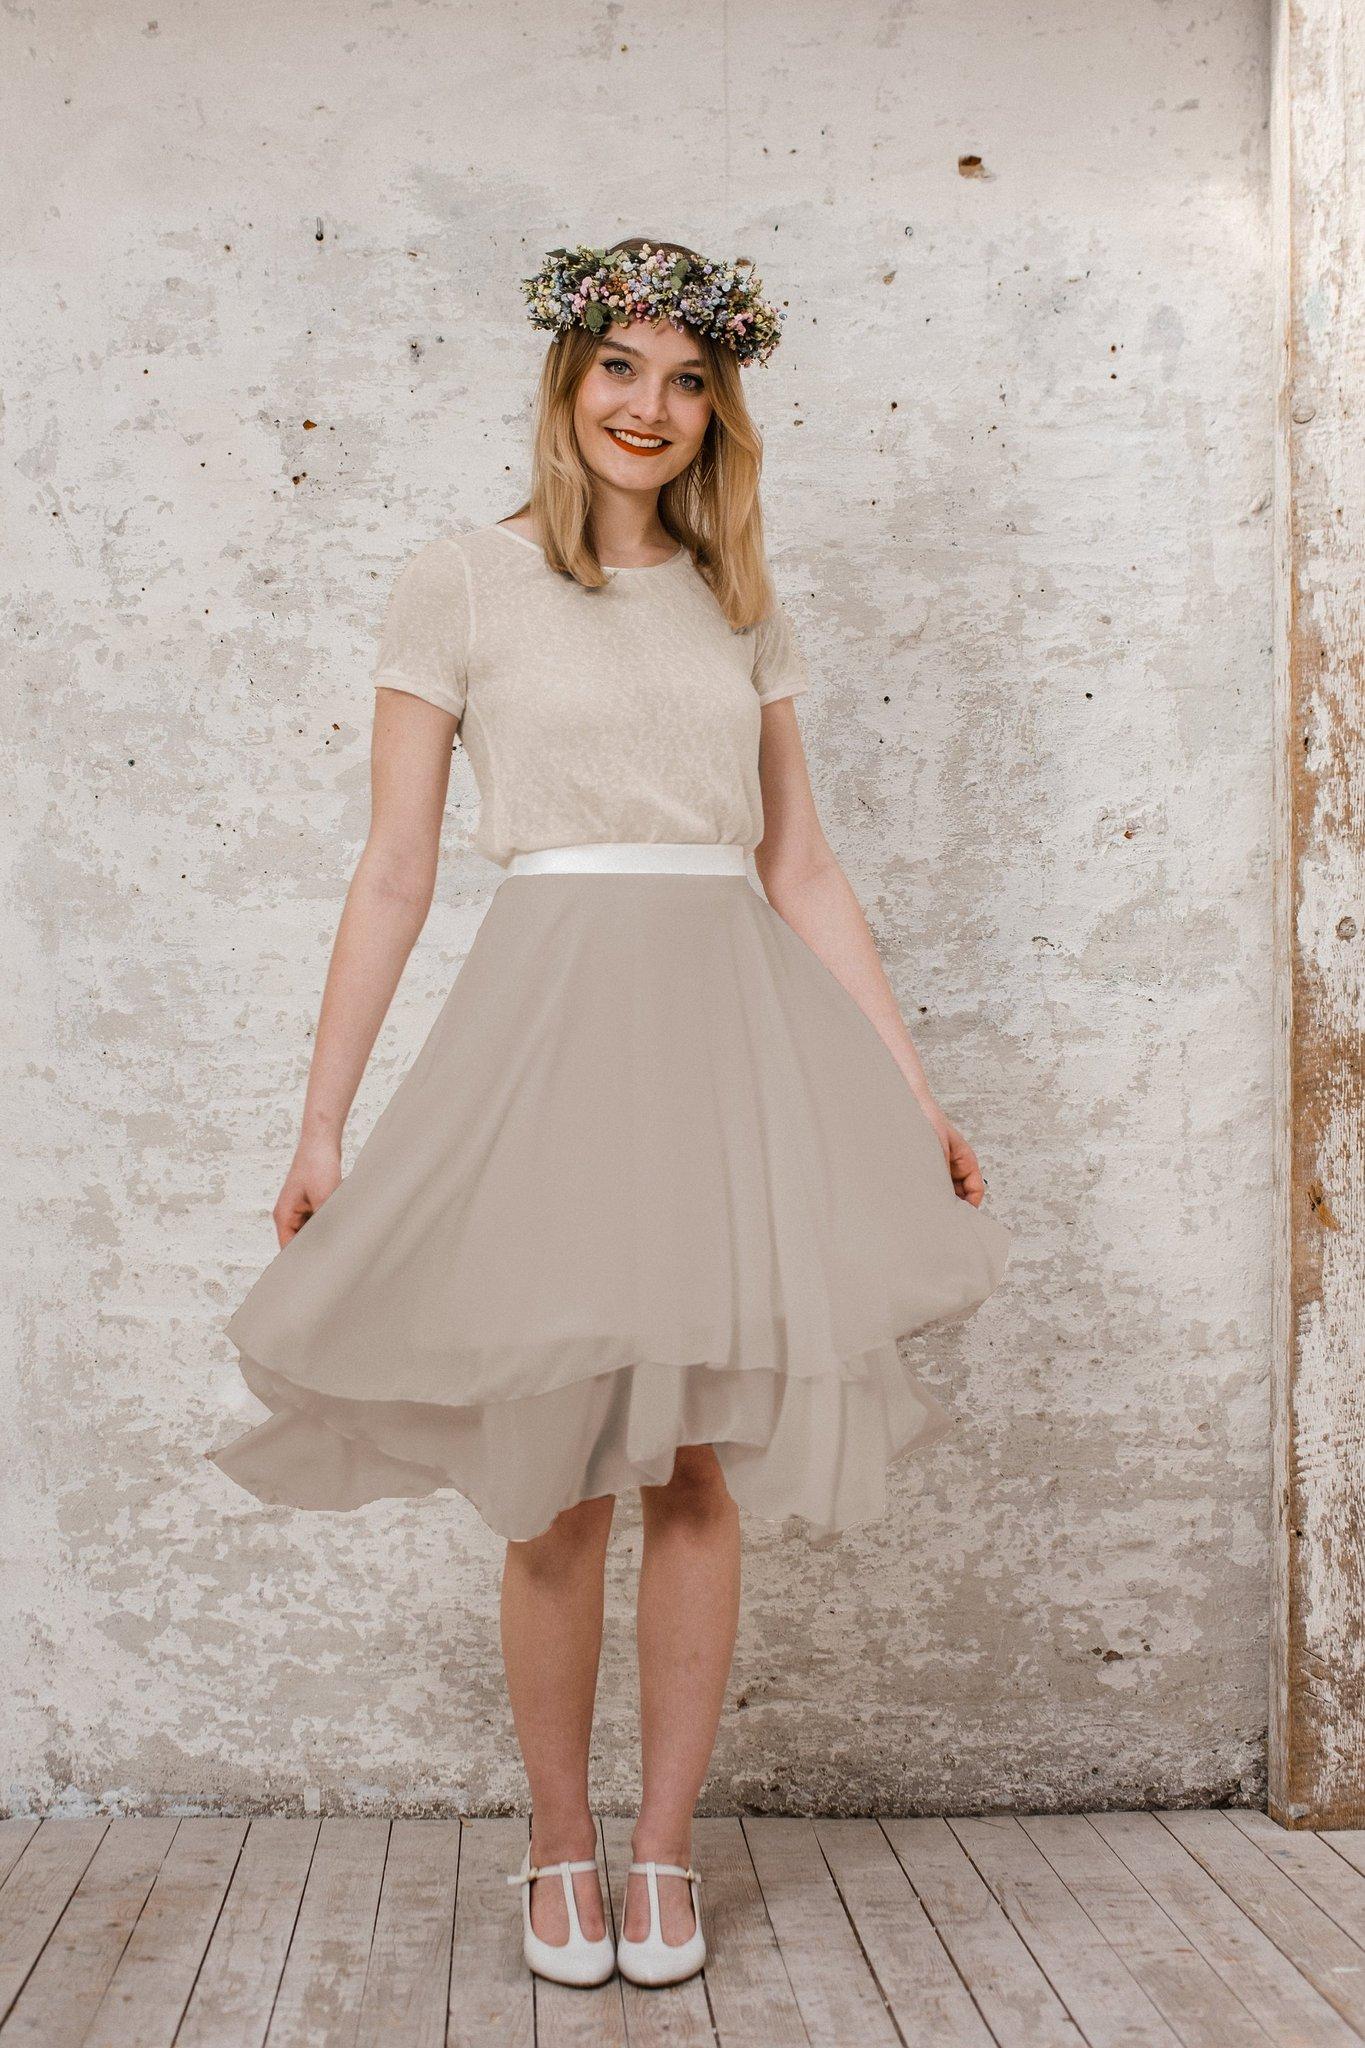 Kleid Trazeugin, Kleid Brautjungfer, Kleid Hochzeitsgast